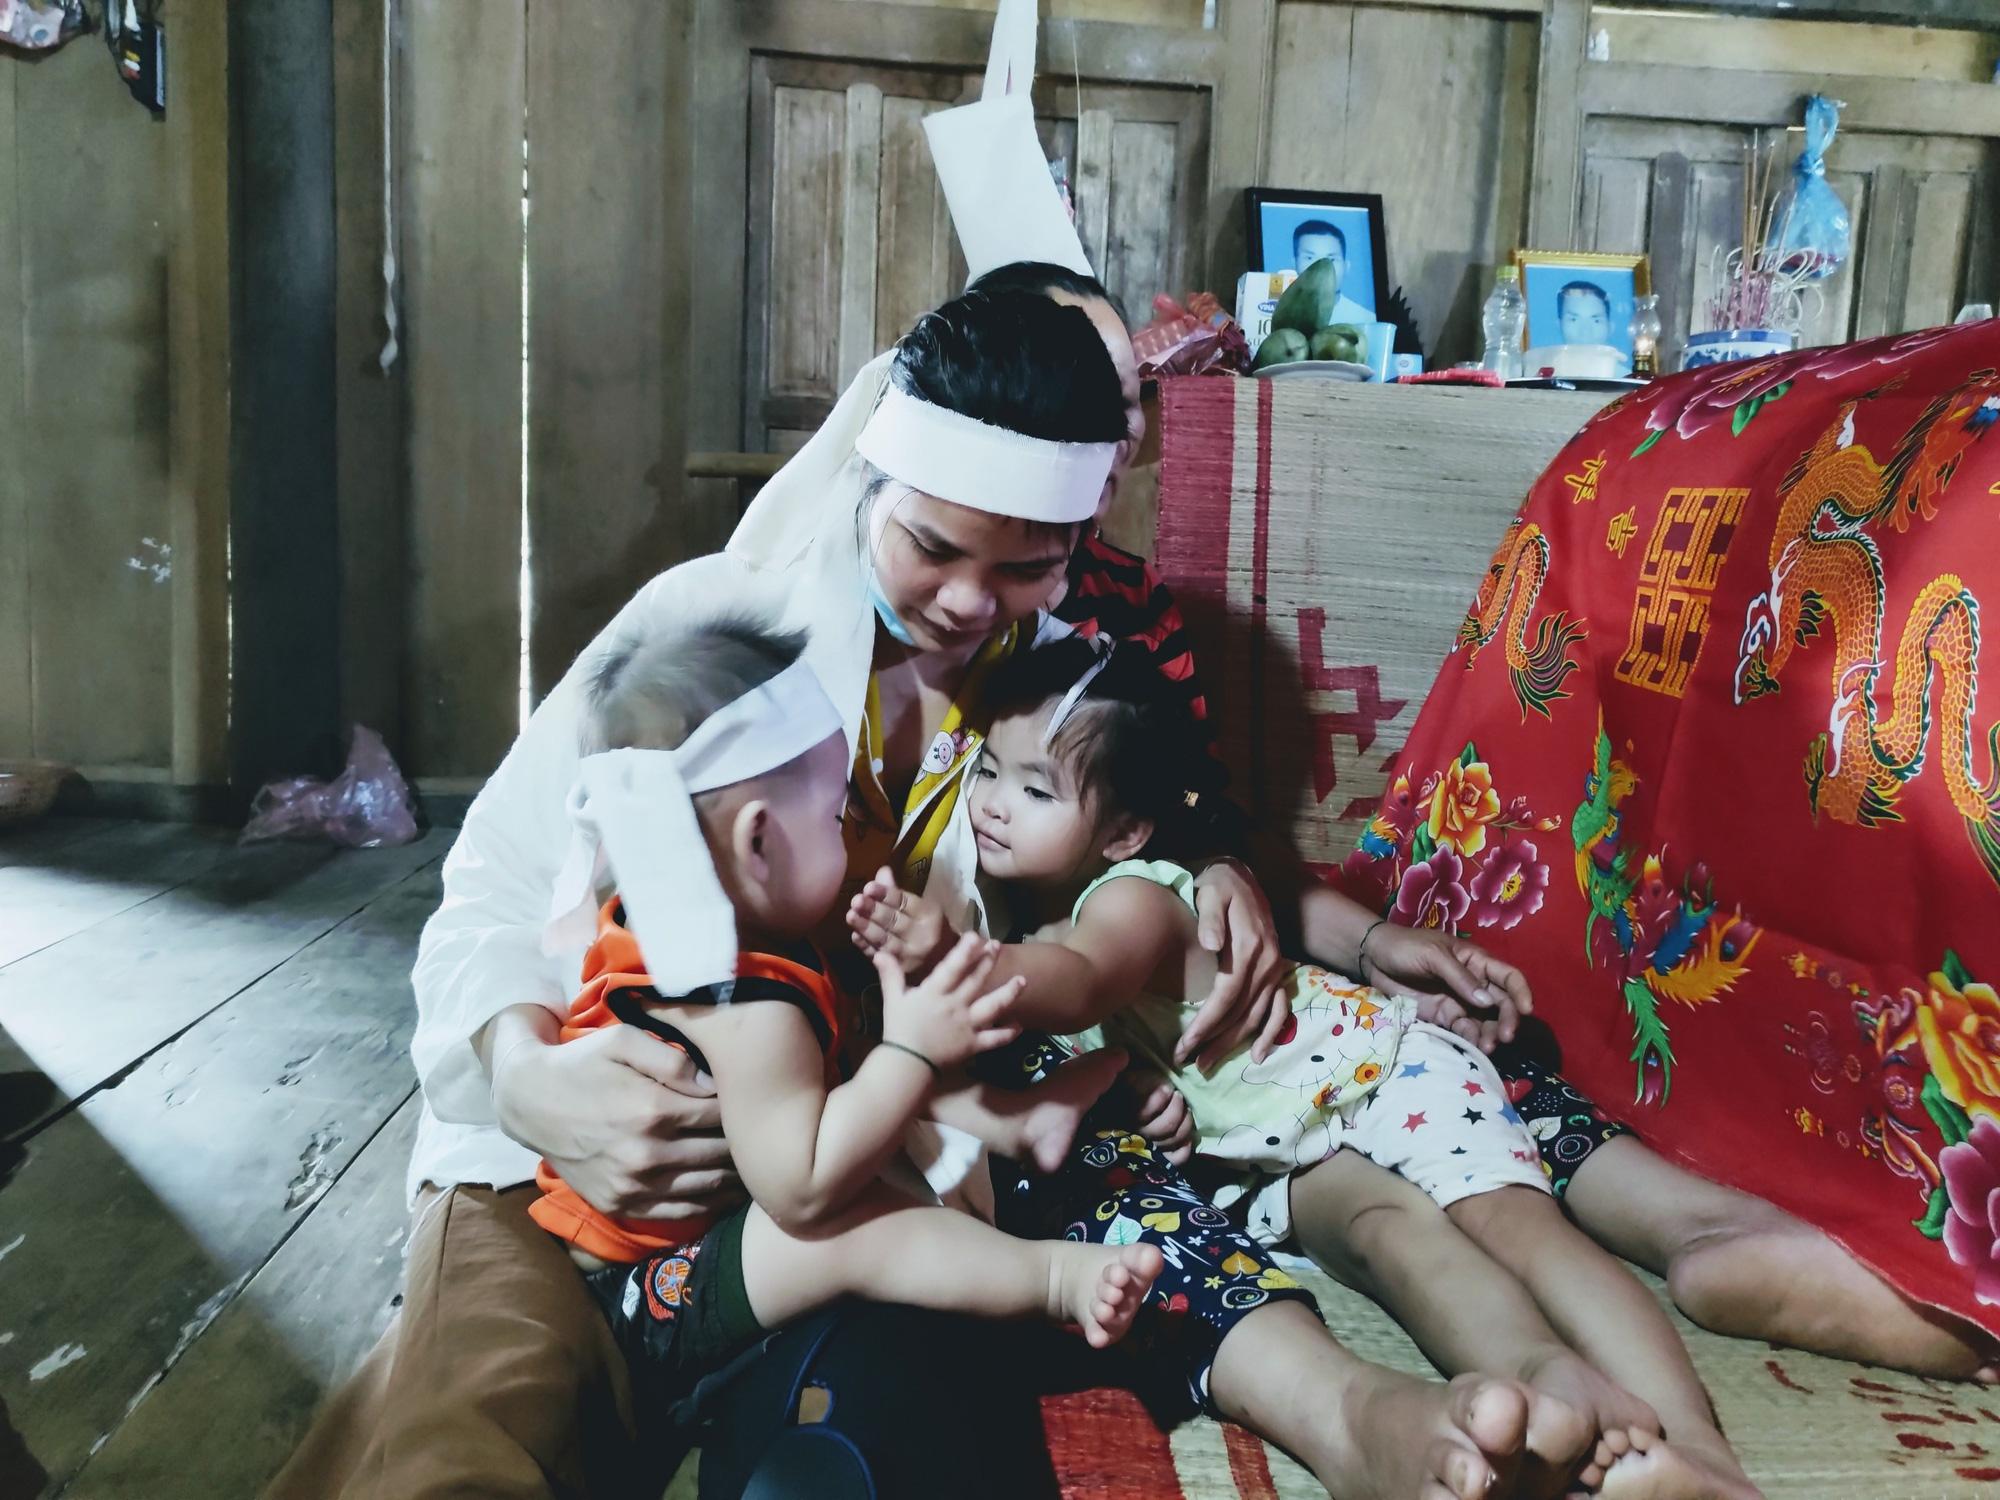 Tương lai mờ mịt của hai đứa trẻ nheo nhóc khi bố qua đời, mẹ lại mang bệnh nặng - Ảnh 2.